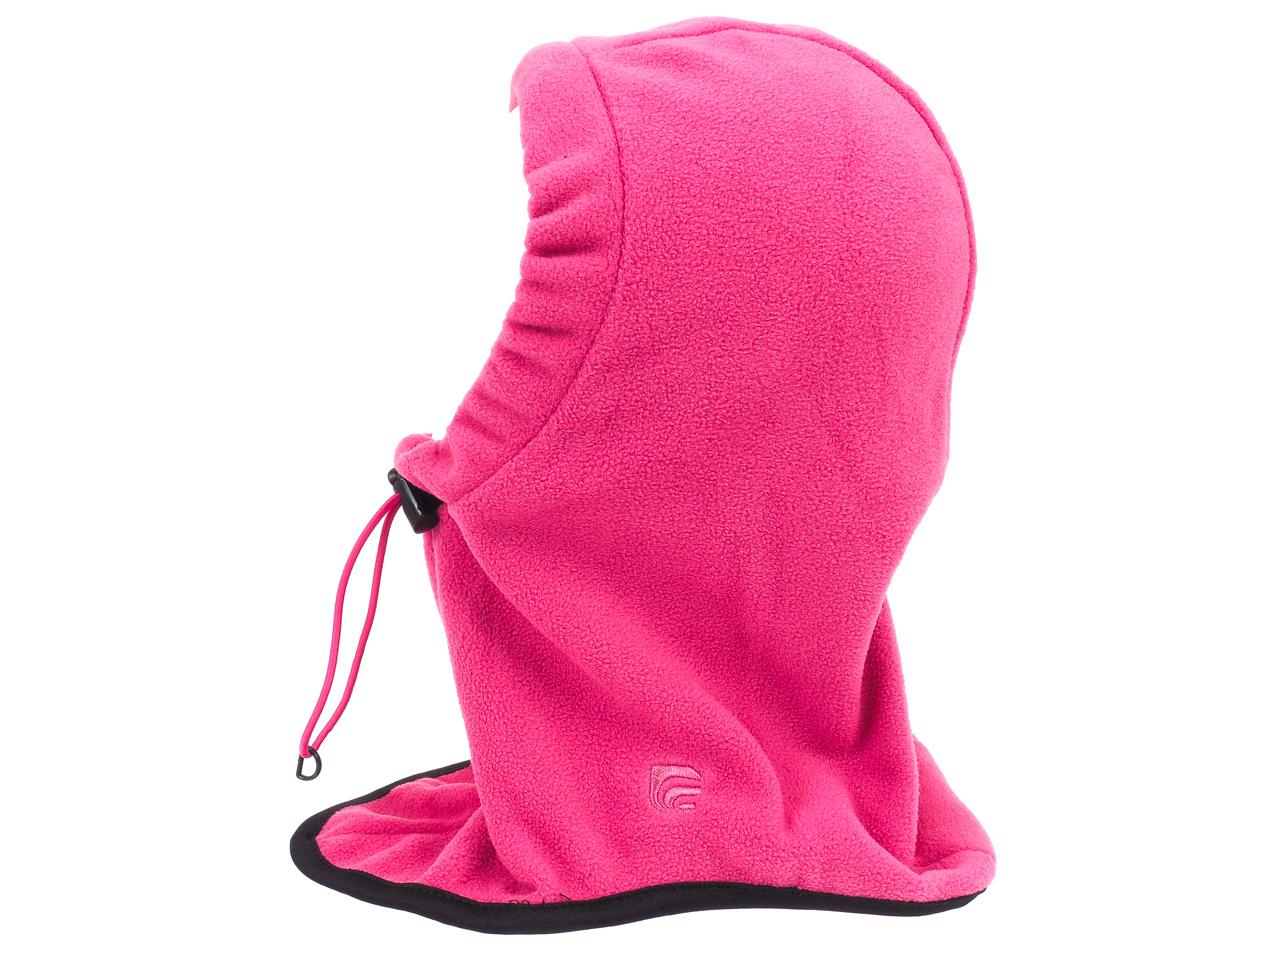 Hood-Winter-Cairn-Hood-Fus-Polar-G-Pink-31208-New thumbnail 2